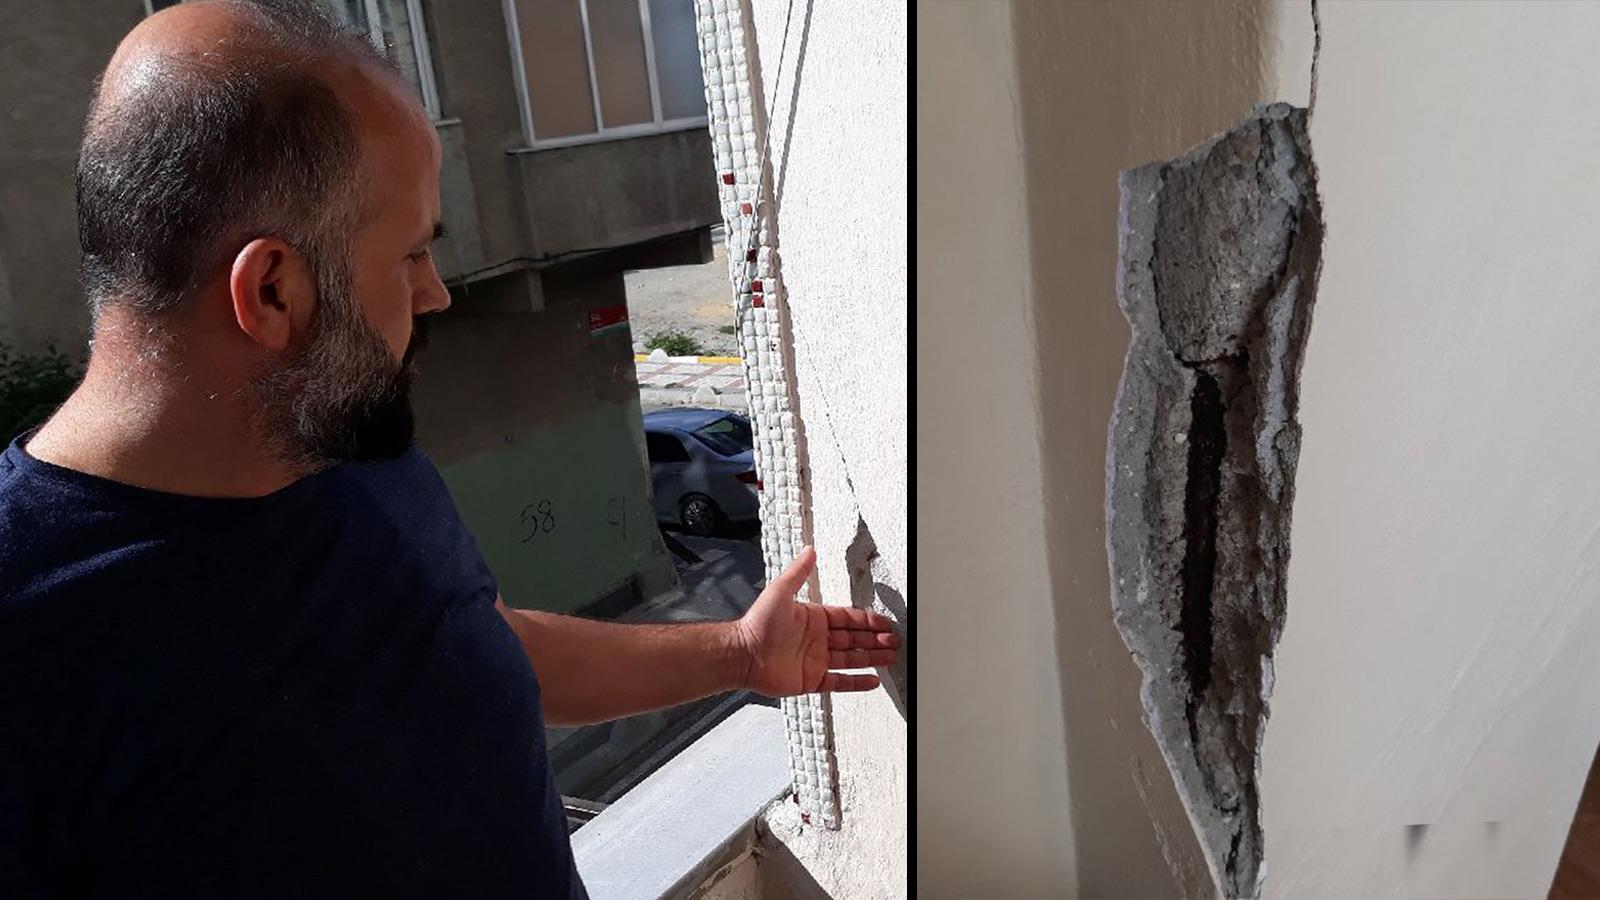 Deprem sonrası Bağcılar'da bir binanın kolonları çatladı: '10-15 kez aradık, hâlâ gelen yok'